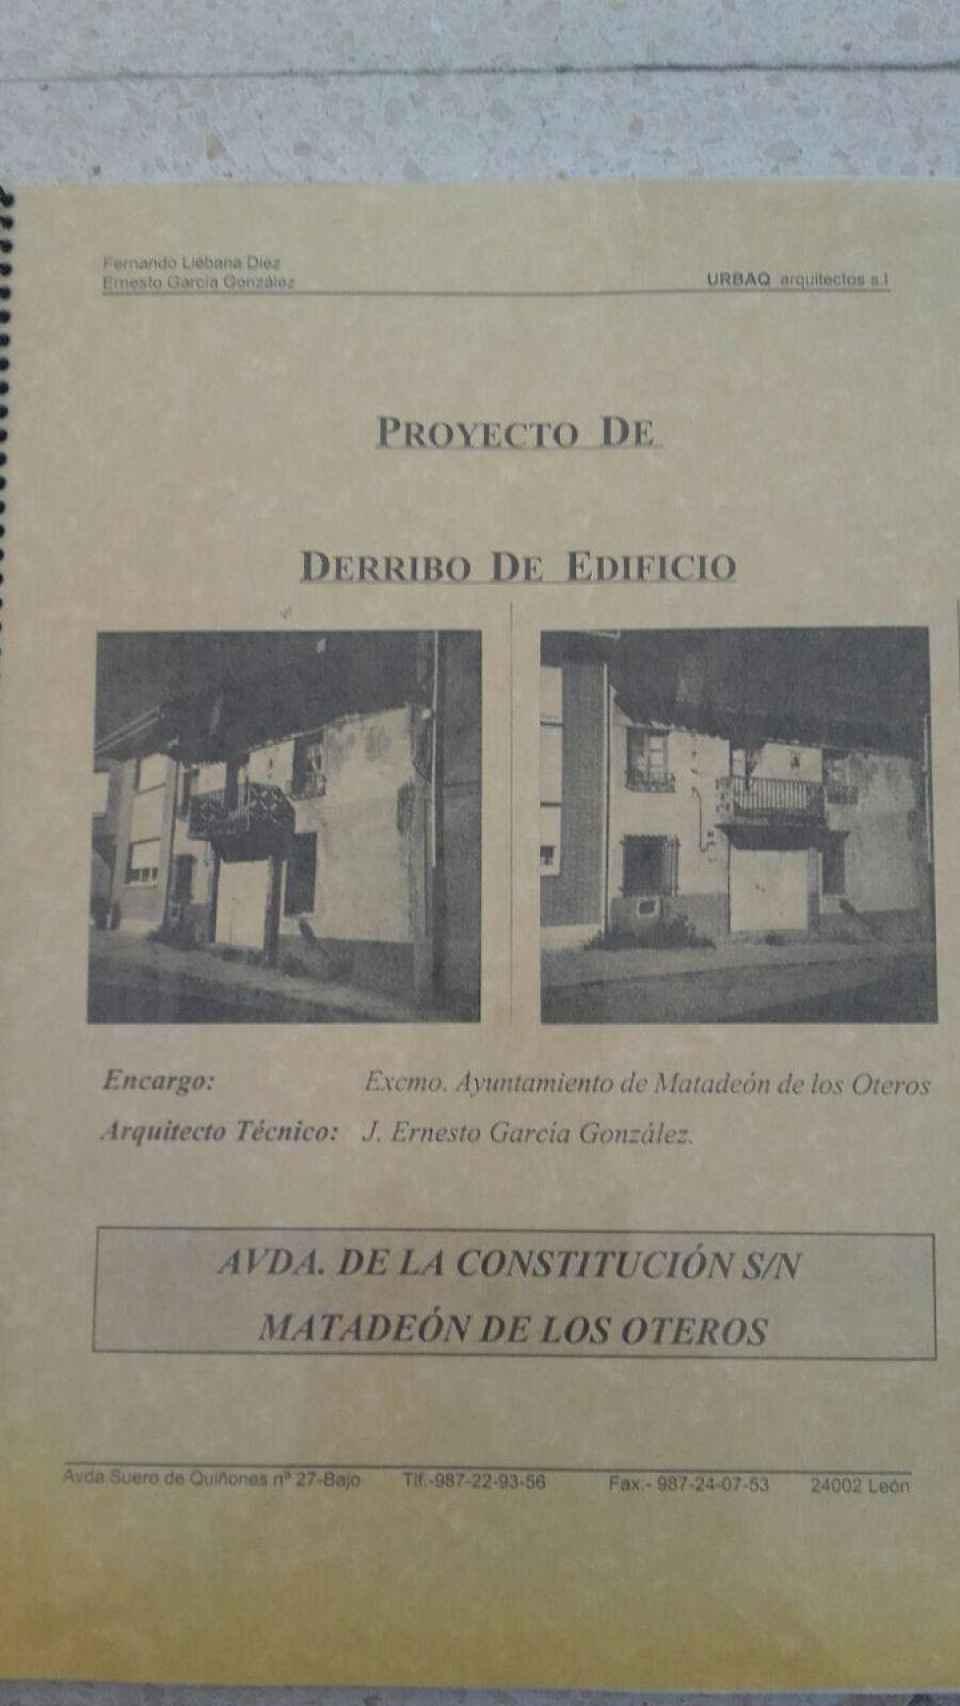 La casa de 'el Portugués' se derribó por su mala conservación. En el Ayuntamiento de Matadeón aún se conserva el expediente, que se ilustra con imágenes de cómo era la vivienda.